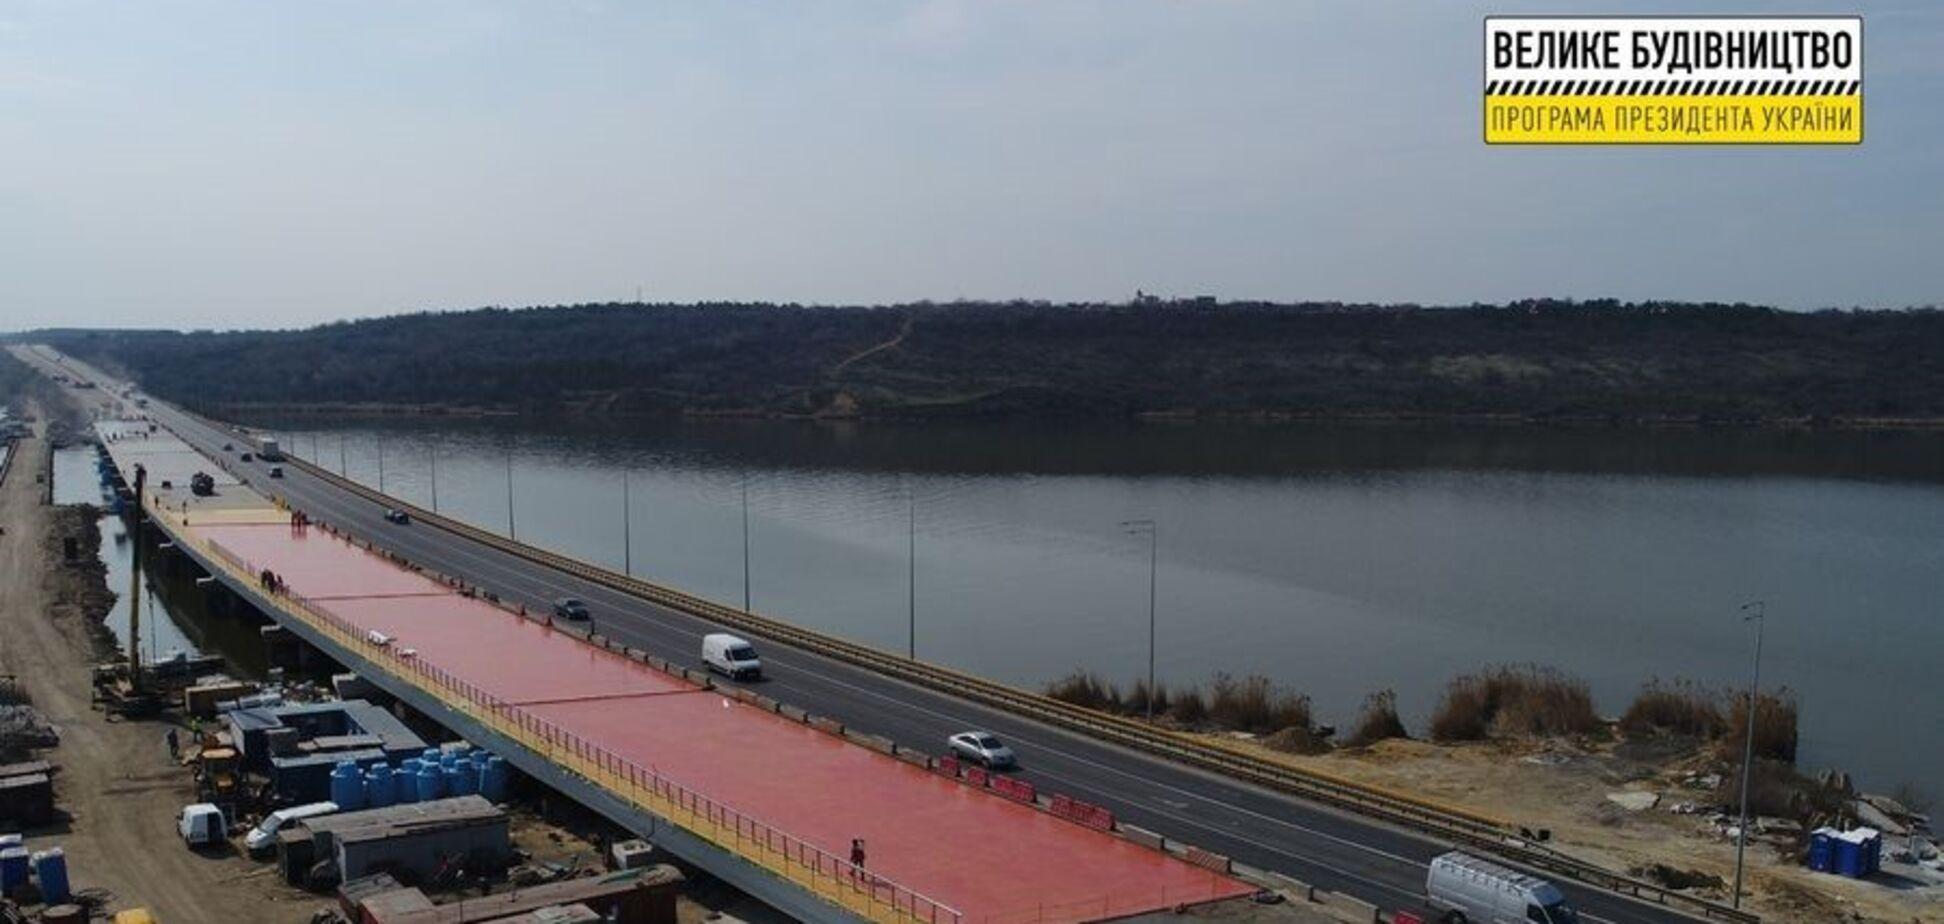 На мосту через Хаджибейский лиман ремонтные работы подходят к завершению